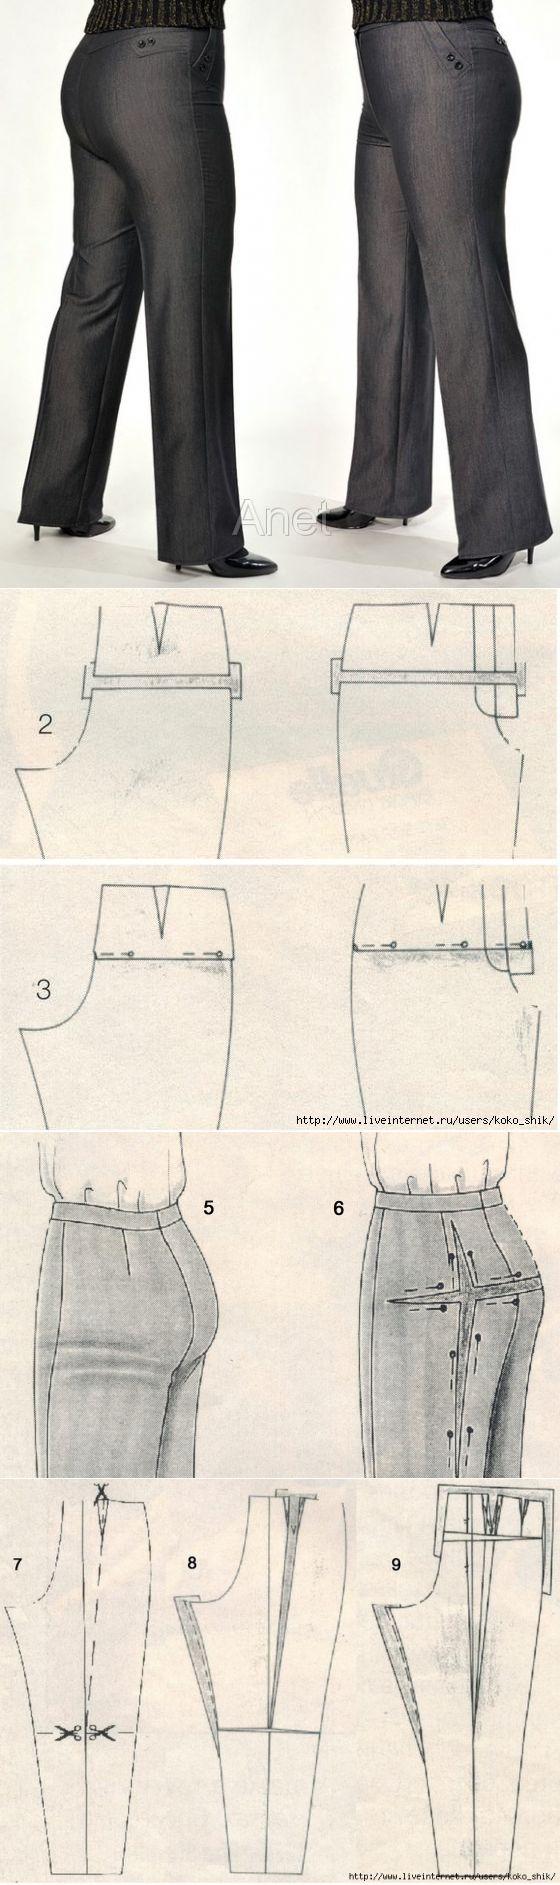 Корректируем выкройку брюк. Чтобы брюки хорошо сидели...♥ Deniz ♥.